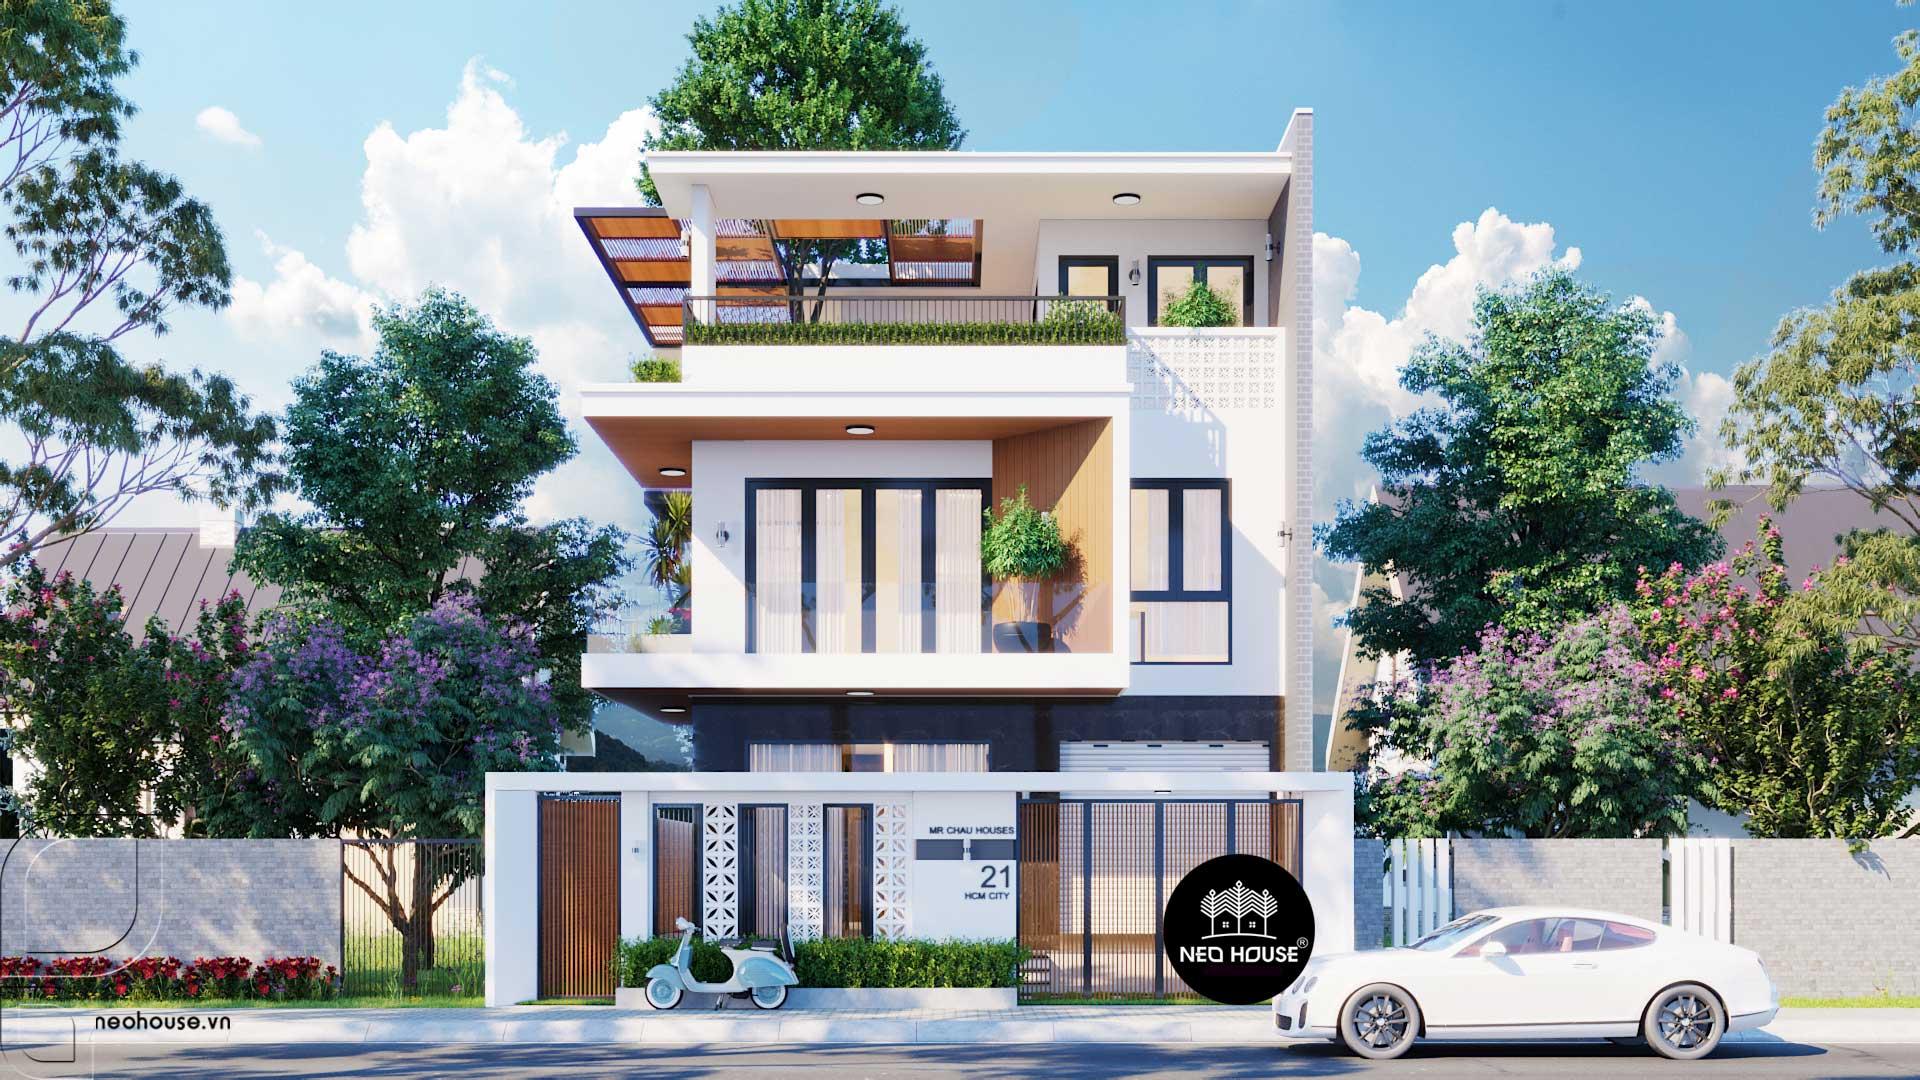 Mẫu Nhà Biệt Thự Đẹp 3 Tầng 8x18m Độc Đáo Tại Bình Tân HCM